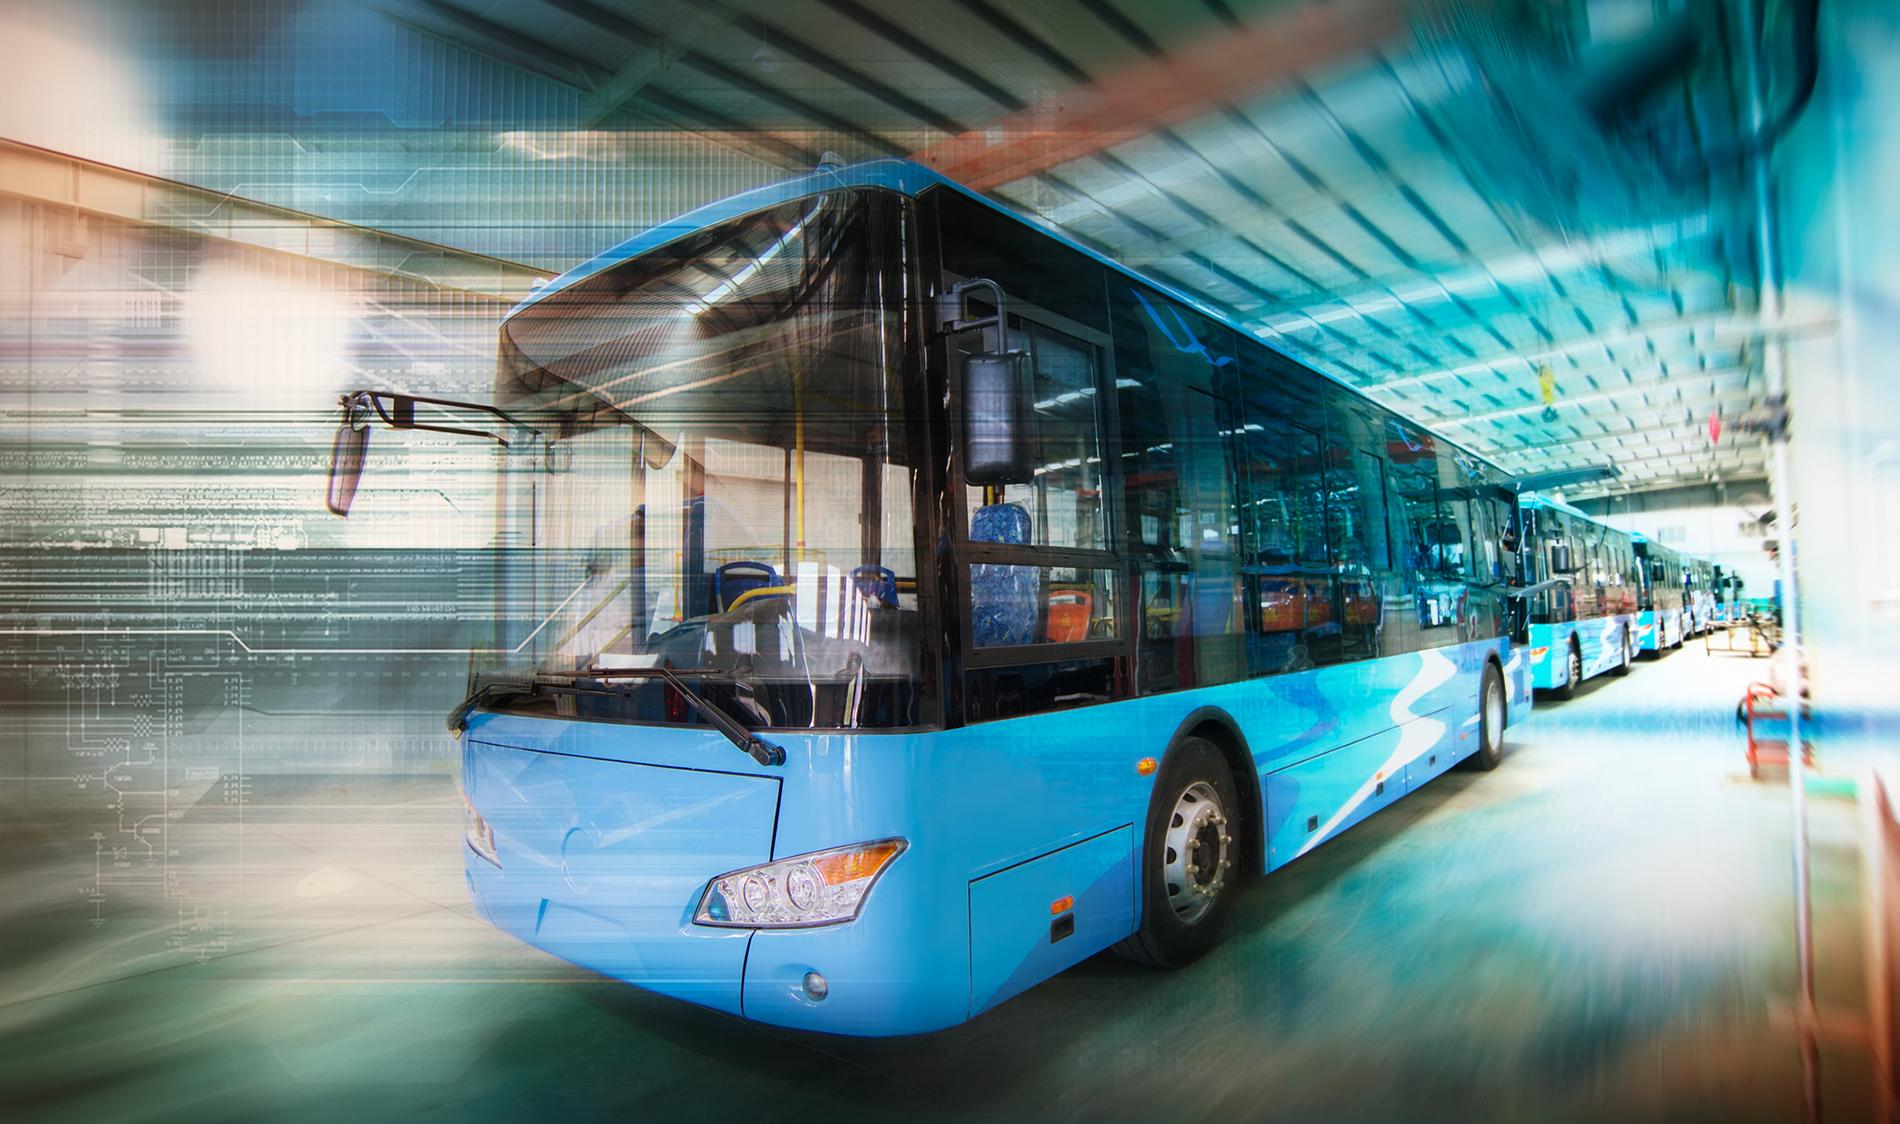 Autobus ibdrido